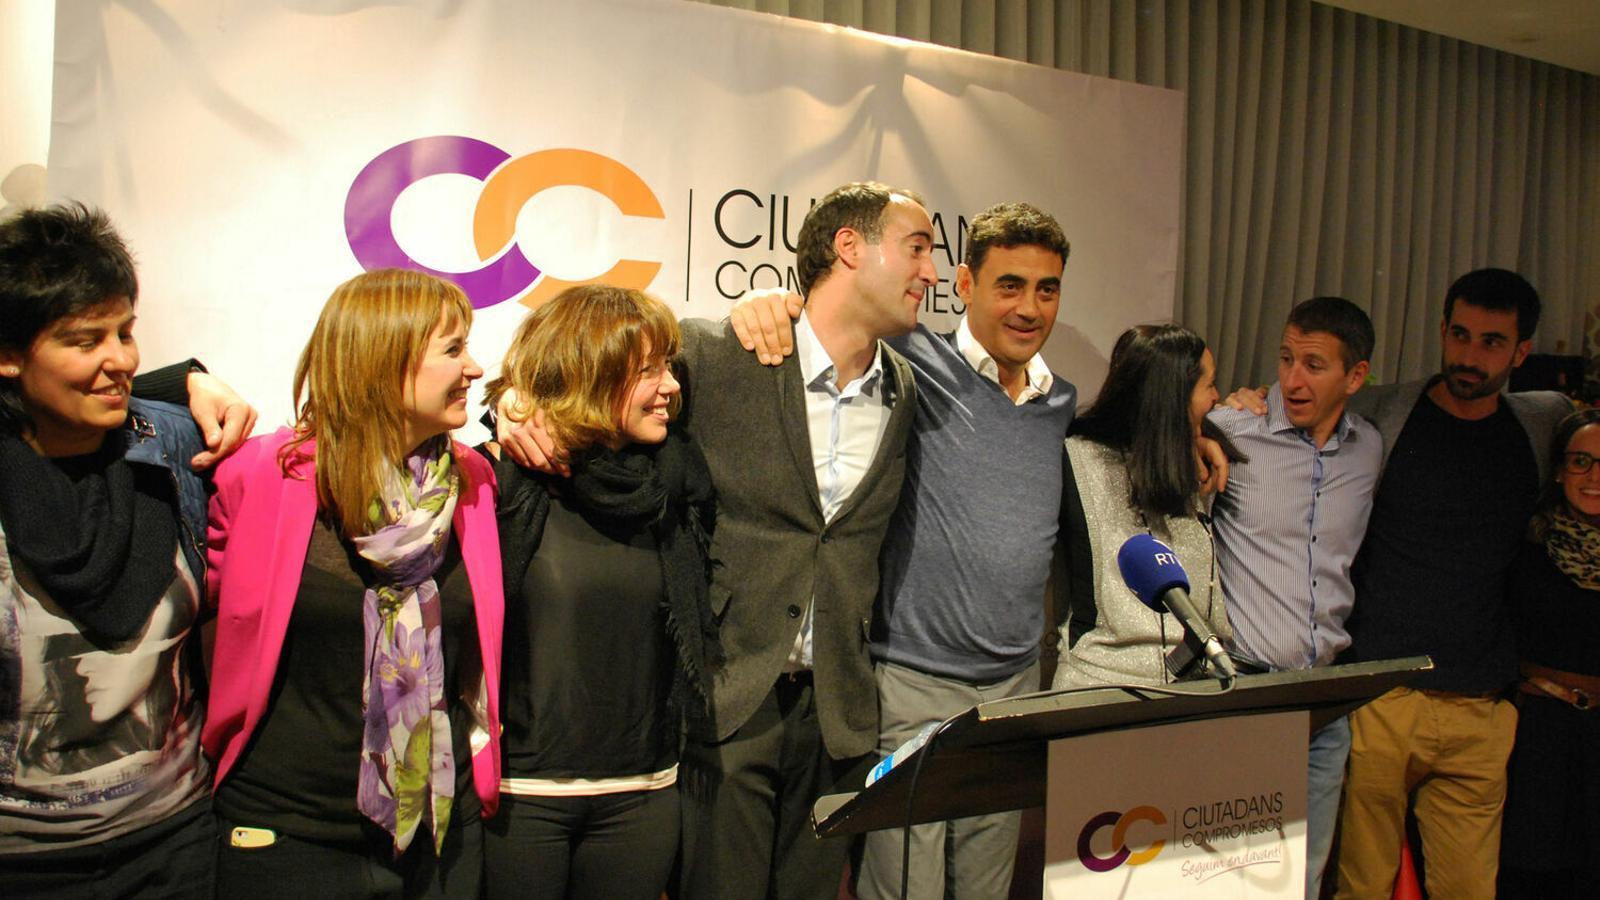 La candidatura de Ciutadans Compromesos celebra la victòria a les darreres eleccions comunals. / ANA